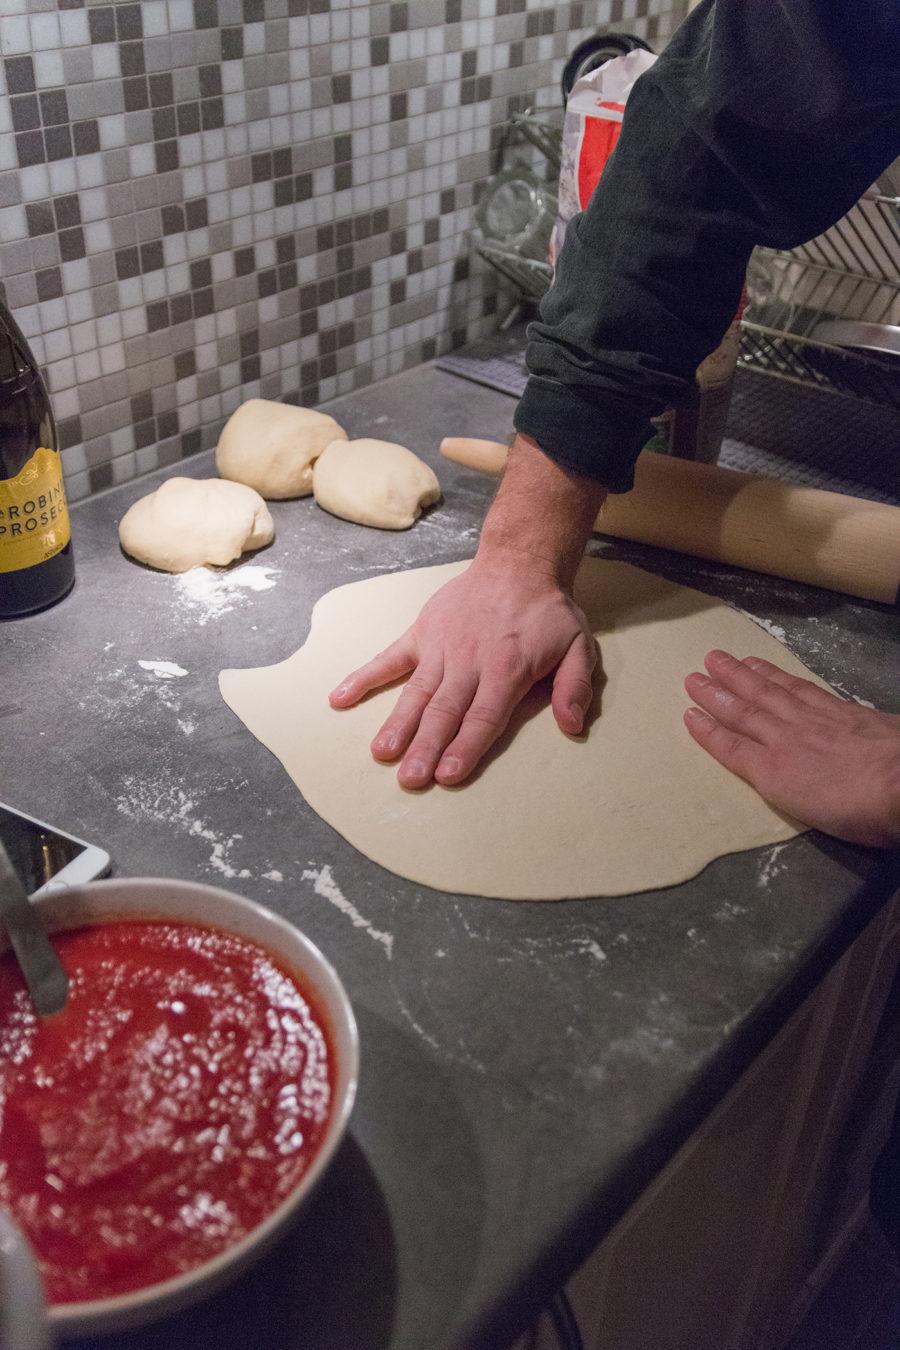 isabel-boltenstern-hemmagjord-pizza-24+